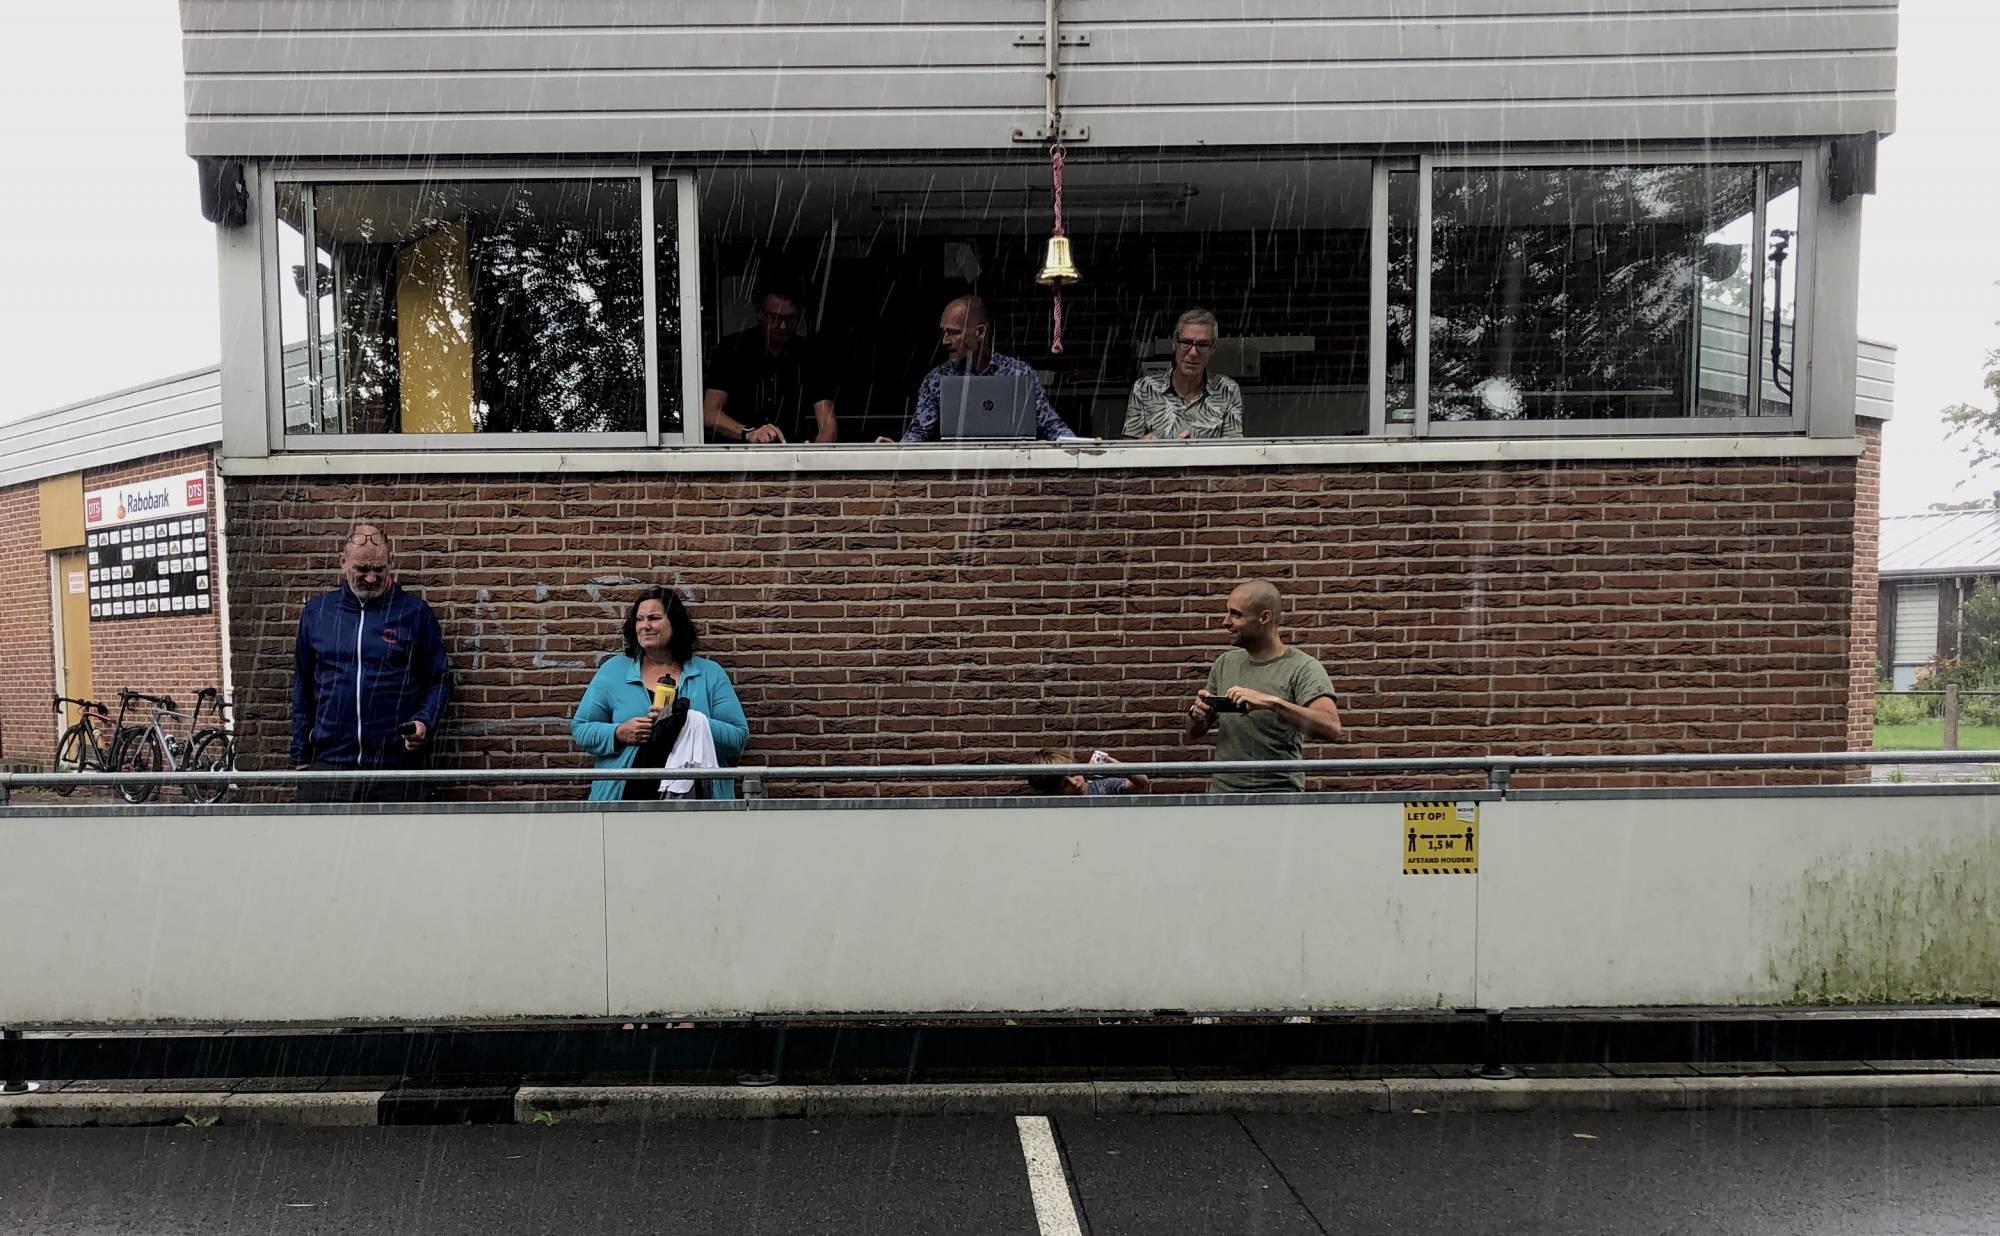 Geen ideale weersomstandigheden voor een snelle tijd tijdens de laatste individuele tijdrit van de Cycle Capital Time Trial Challenge voor Team NH bij DTS in Zaandam.